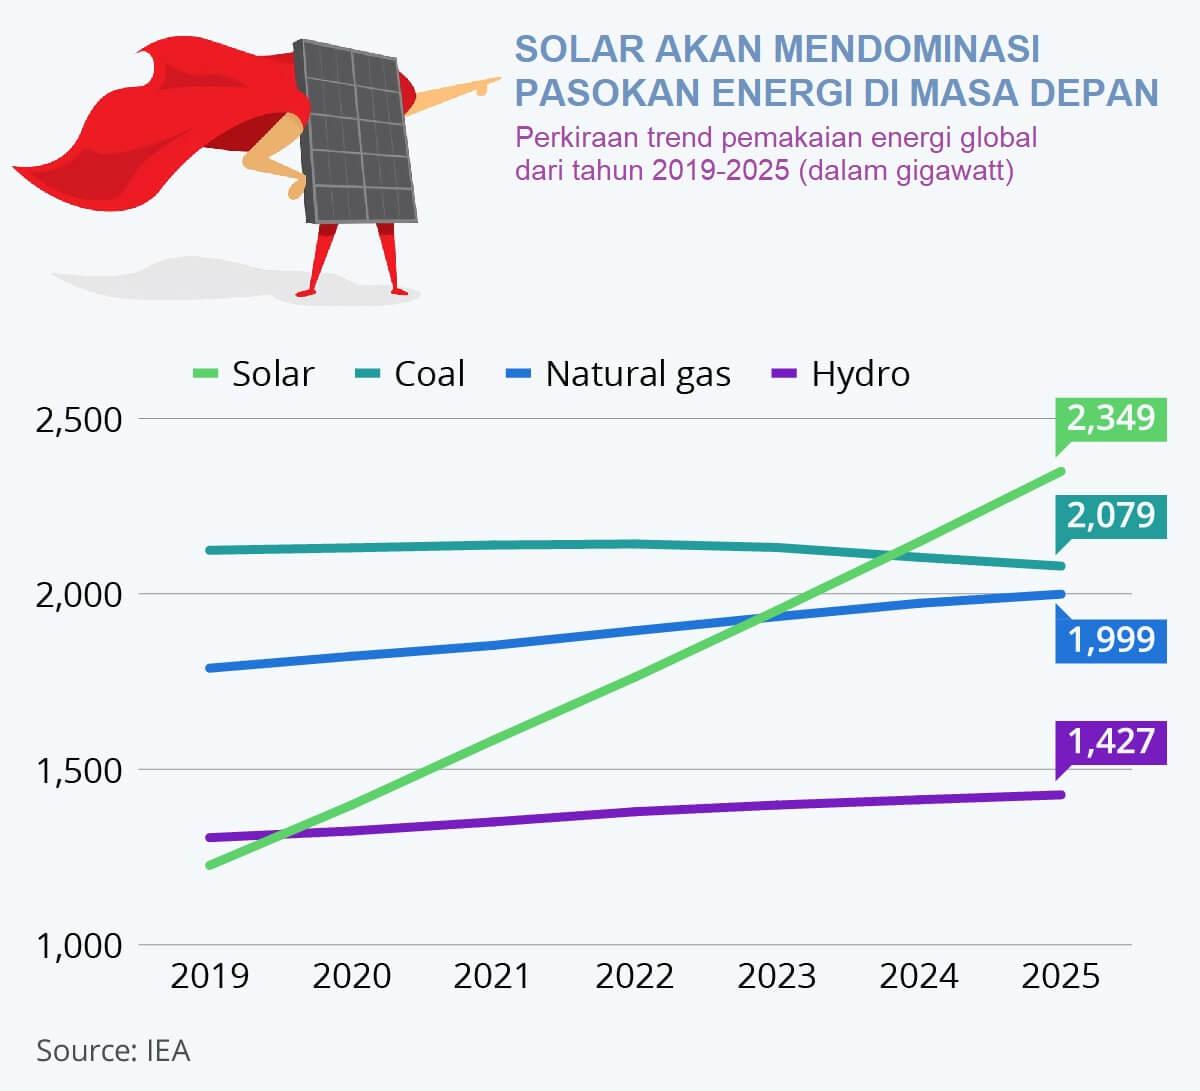 Perkiraan pemakaian energi global dari tahun 2019 hingga tahun 2025 dimana listrik solar tenaga surya dipercaya akan mendominasi pasokan energi global di masa depan.